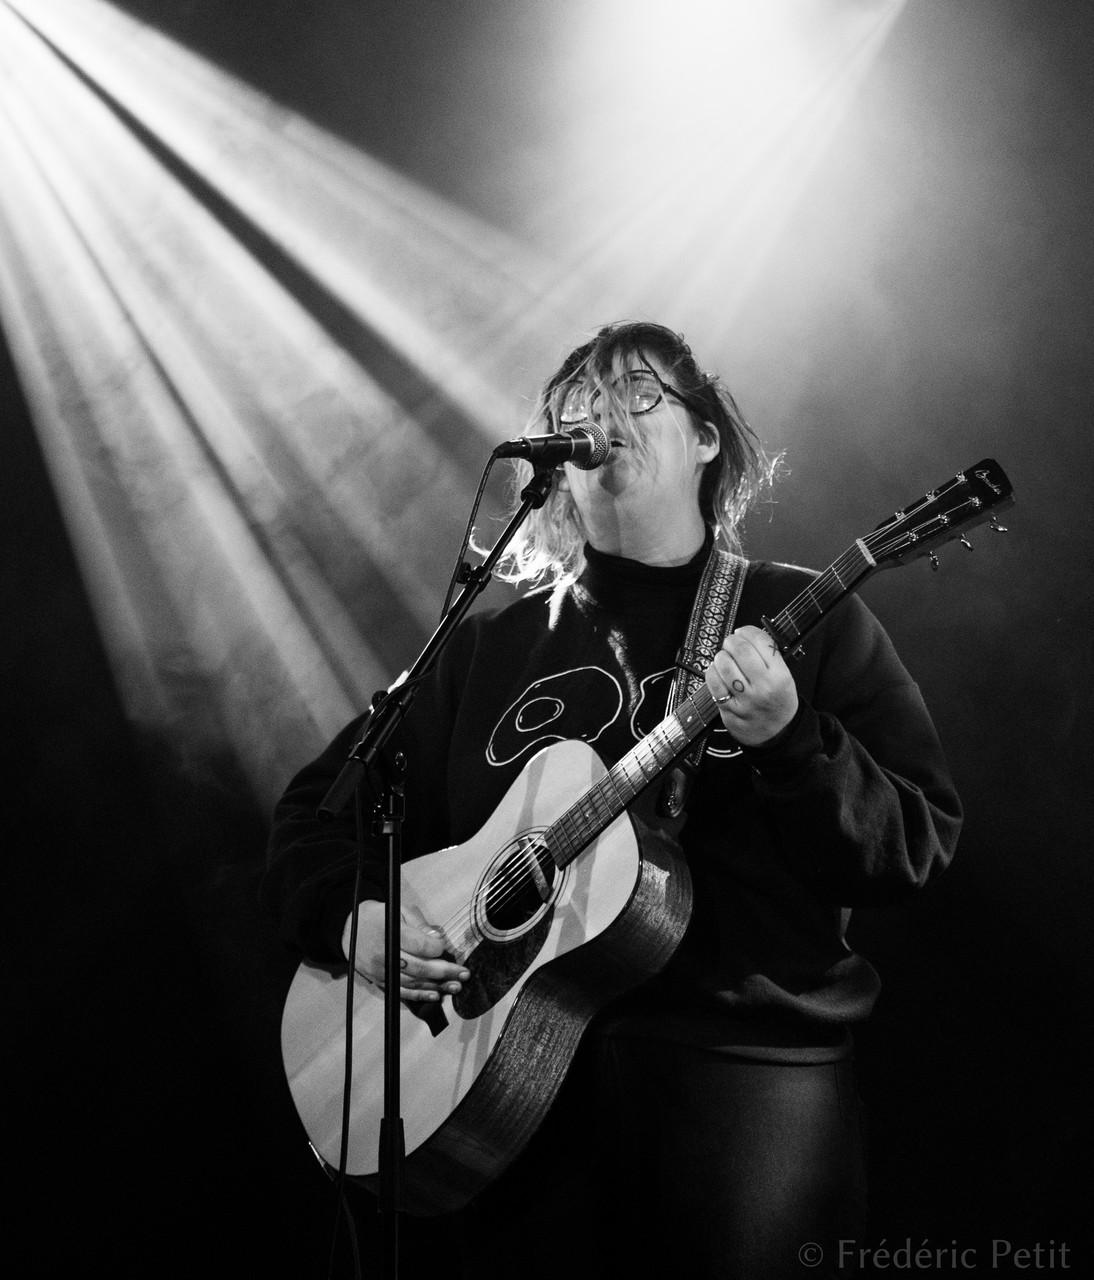 11 décembre 2015 - Safia Nolin @ Pan Piper (Showcases Pro du Festival Aurores Montréal)